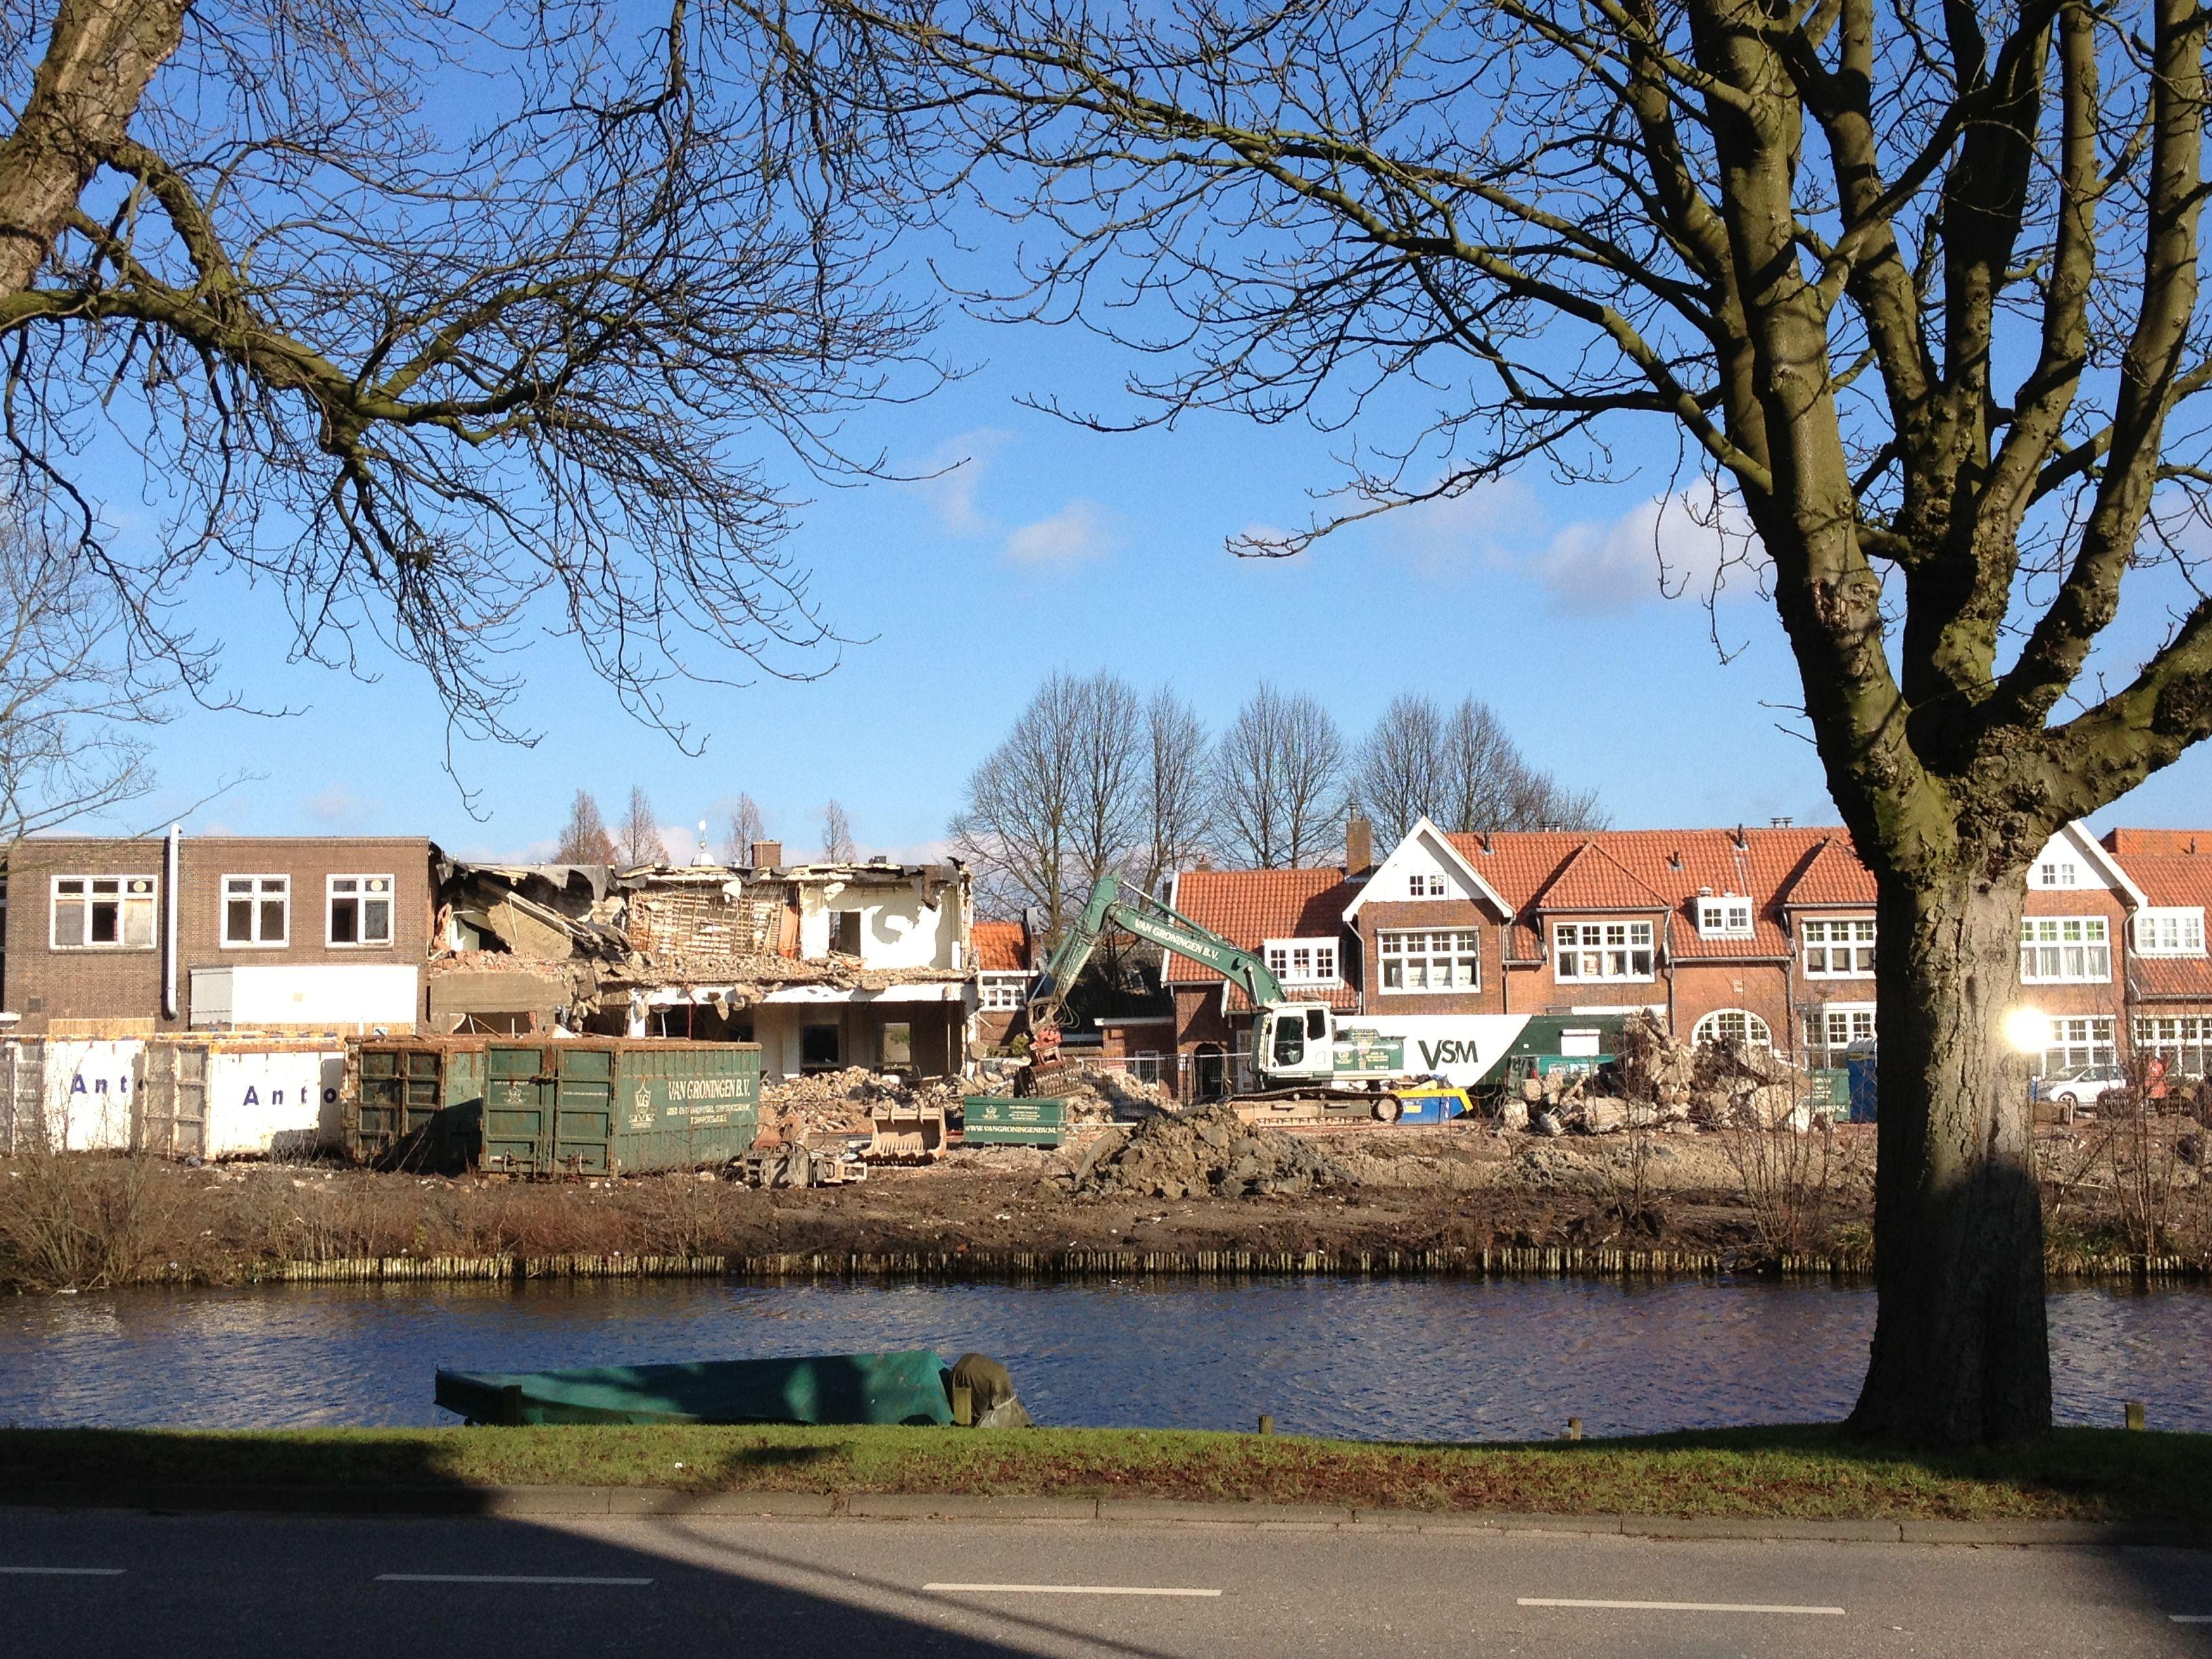 Zonnige dag in #Leiden en de huisjes moeten er in hoog tempo aan geloven! #vanderKlaauw